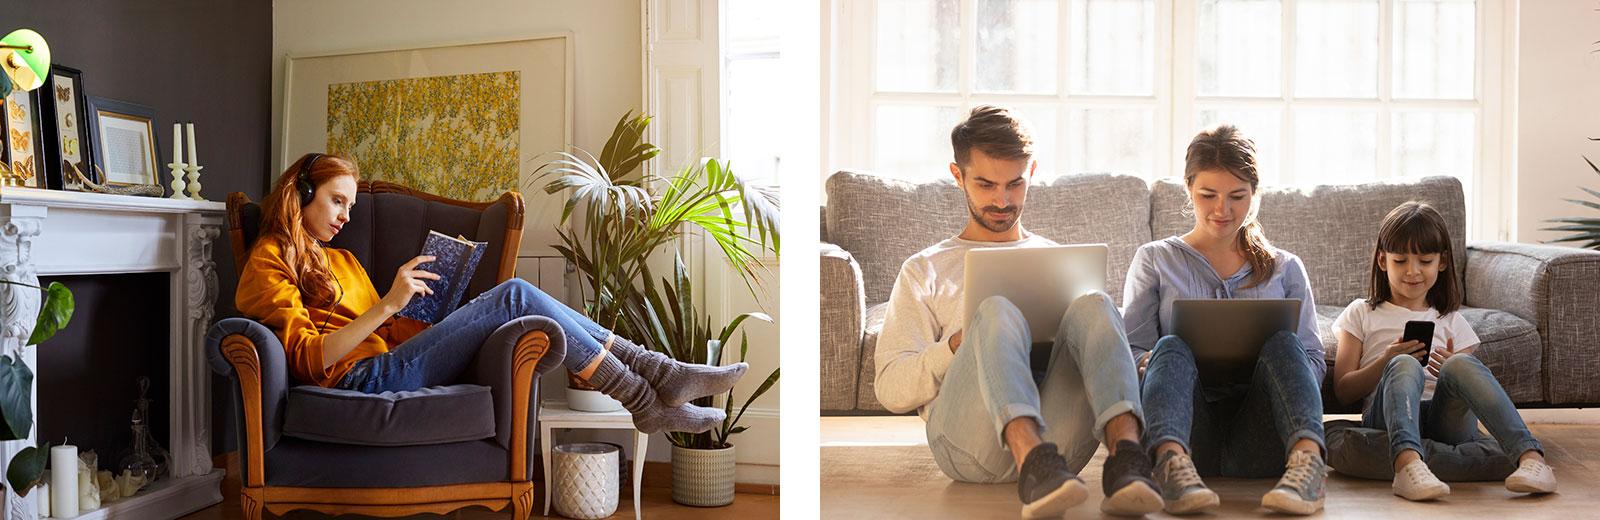 Unterschiedliche Wohn-Bedürfnisse: Alleine sein, Zusammensein - ohne zu interagieren